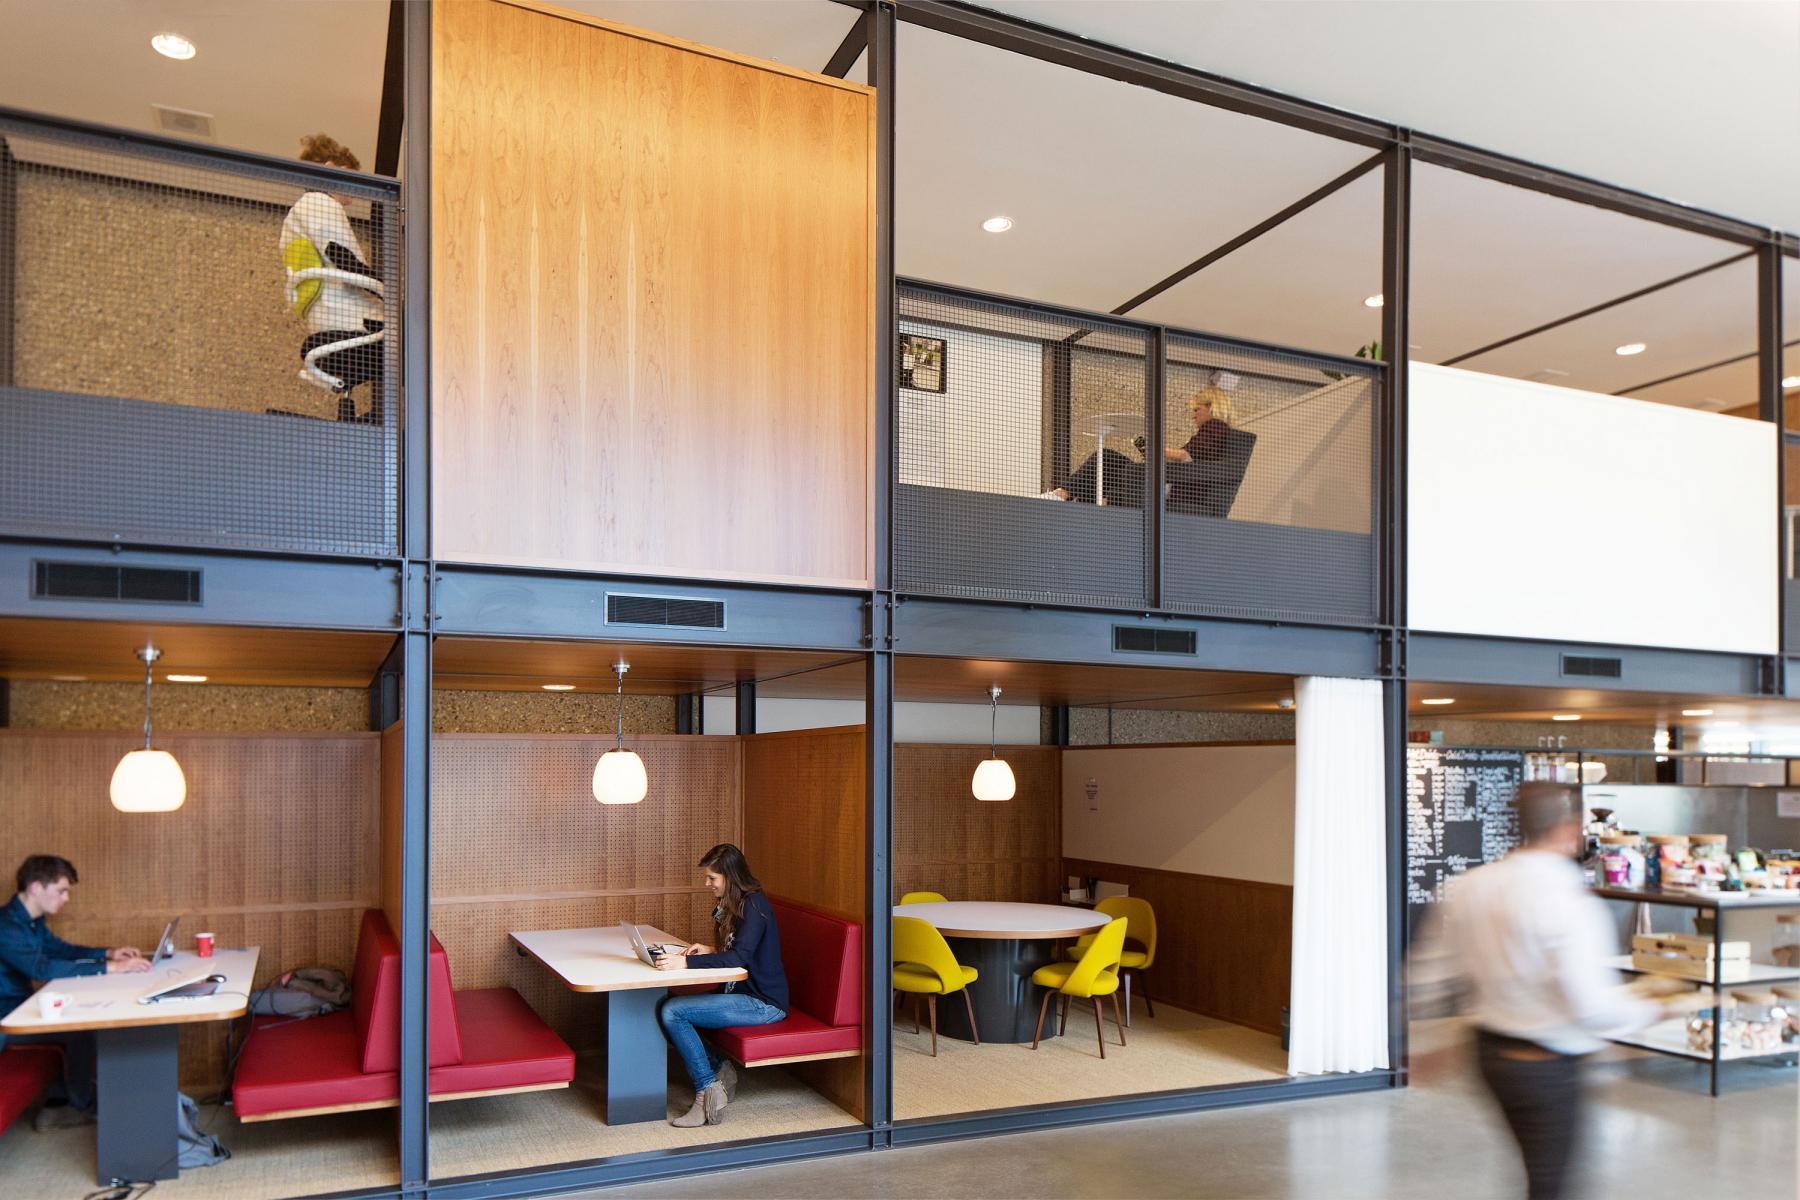 hofplein rotterdam kantoorruimte huren hokjes kantoorunit banken tafels